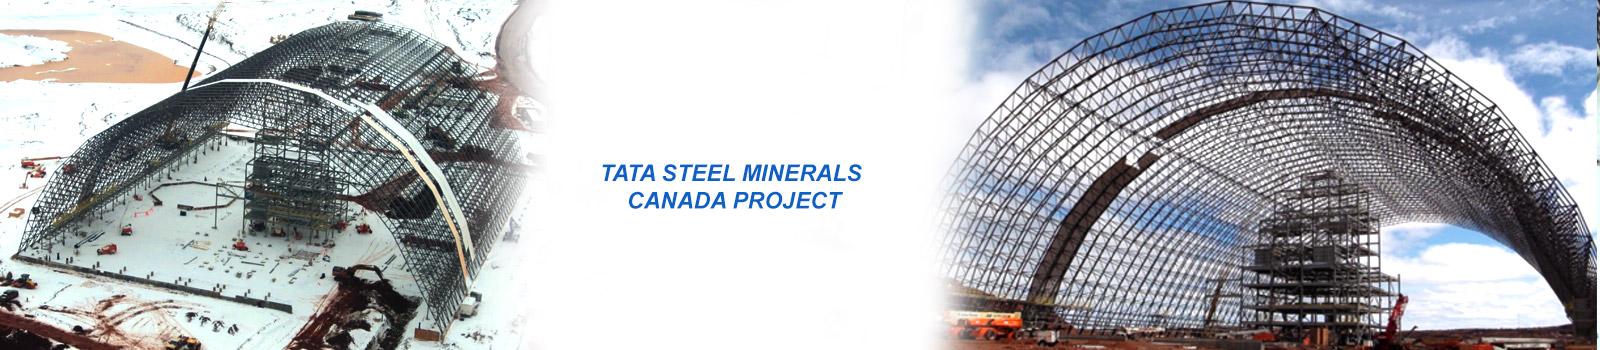 Tata Steel Minerals-Canada